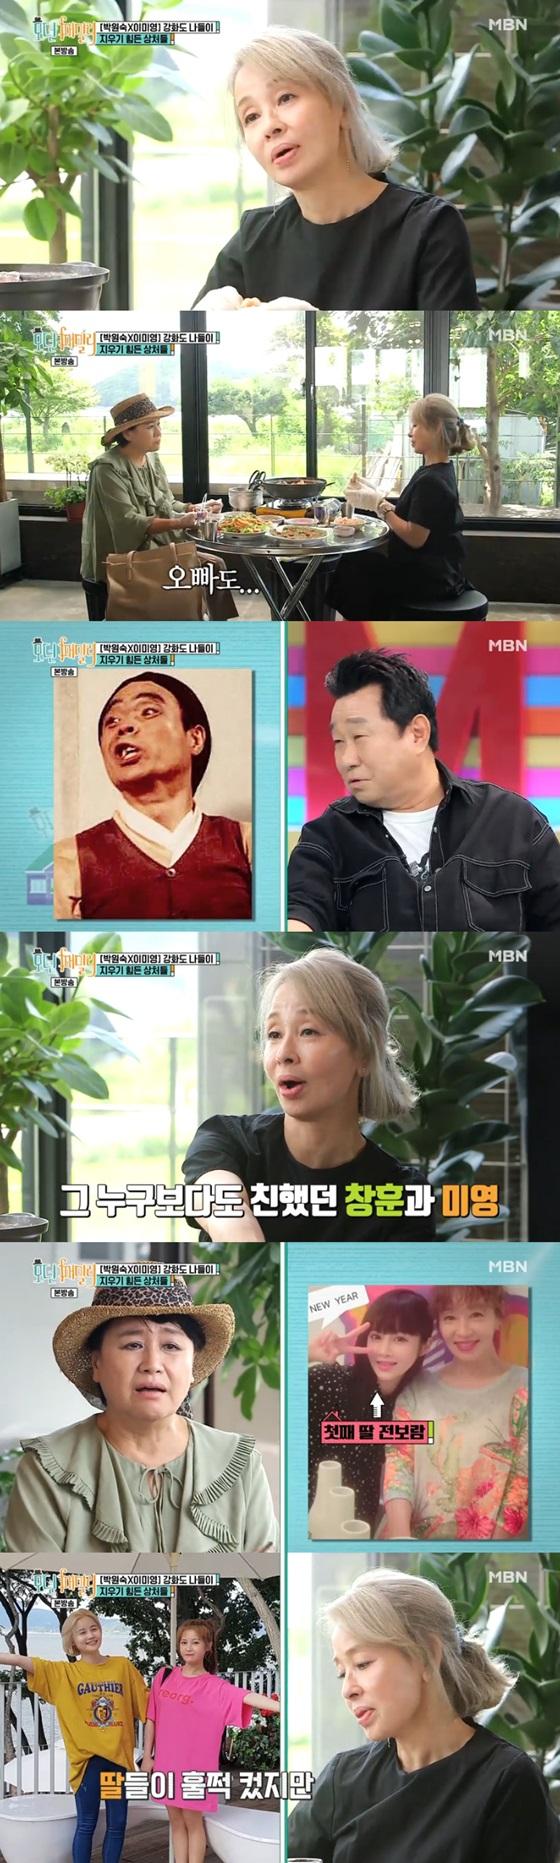 이미영/사진=MBN '모던 패밀리' 방송화면 캡처